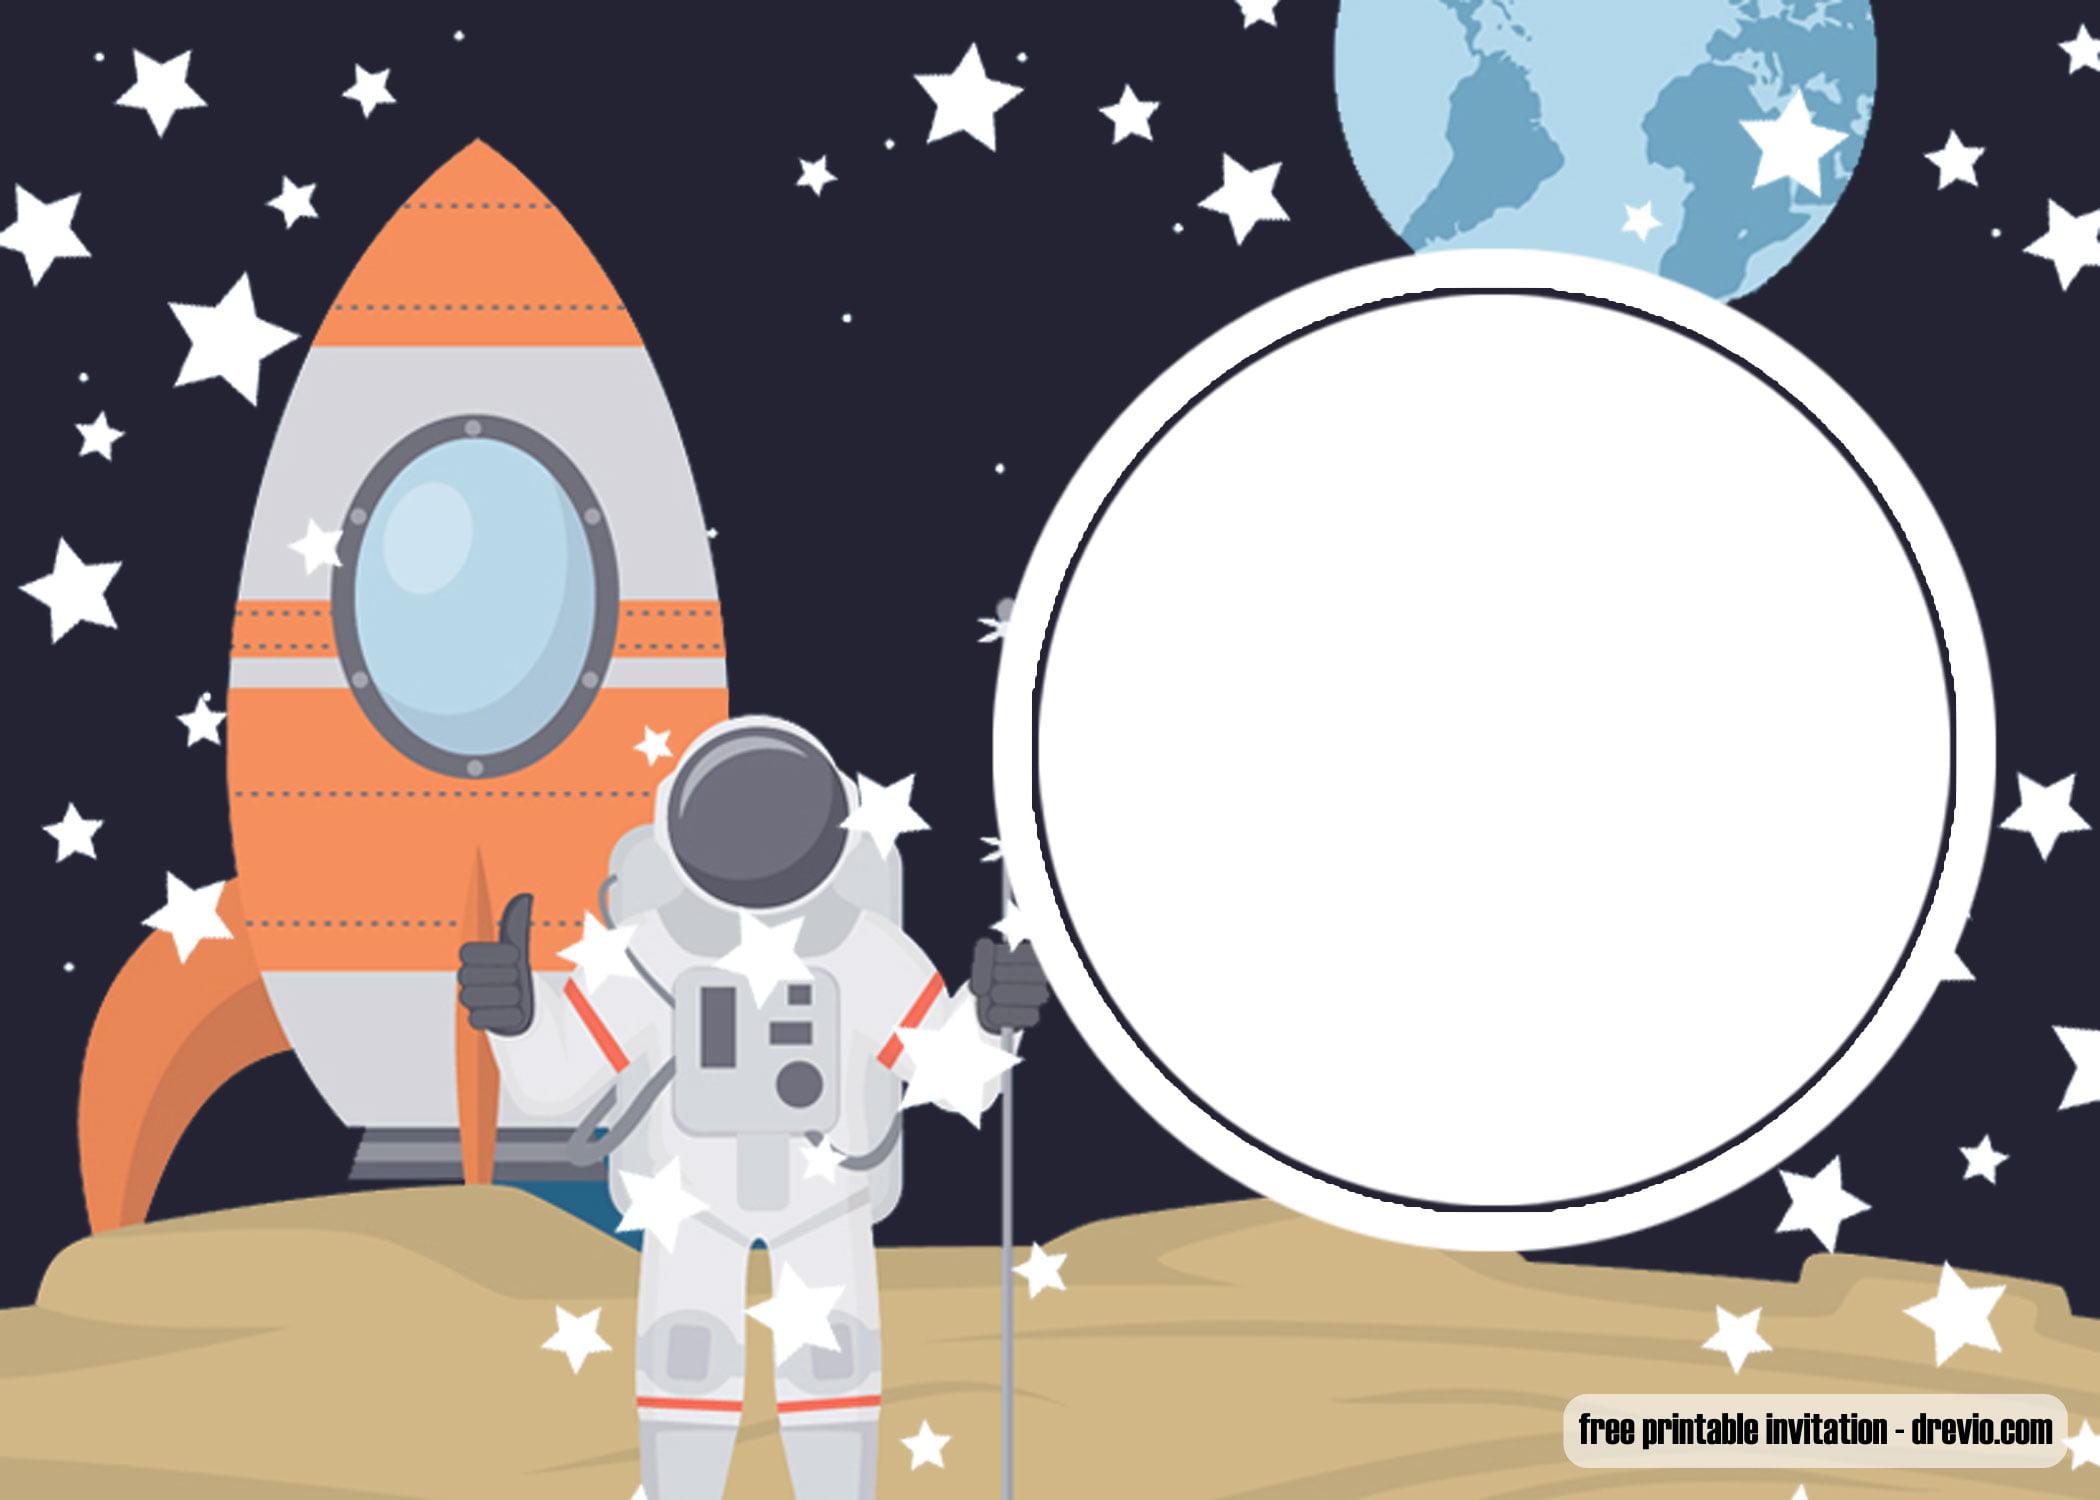 FREE Printable Spaceship Rocket Ship Invitation Template UPDATED FREE Invitation Templates